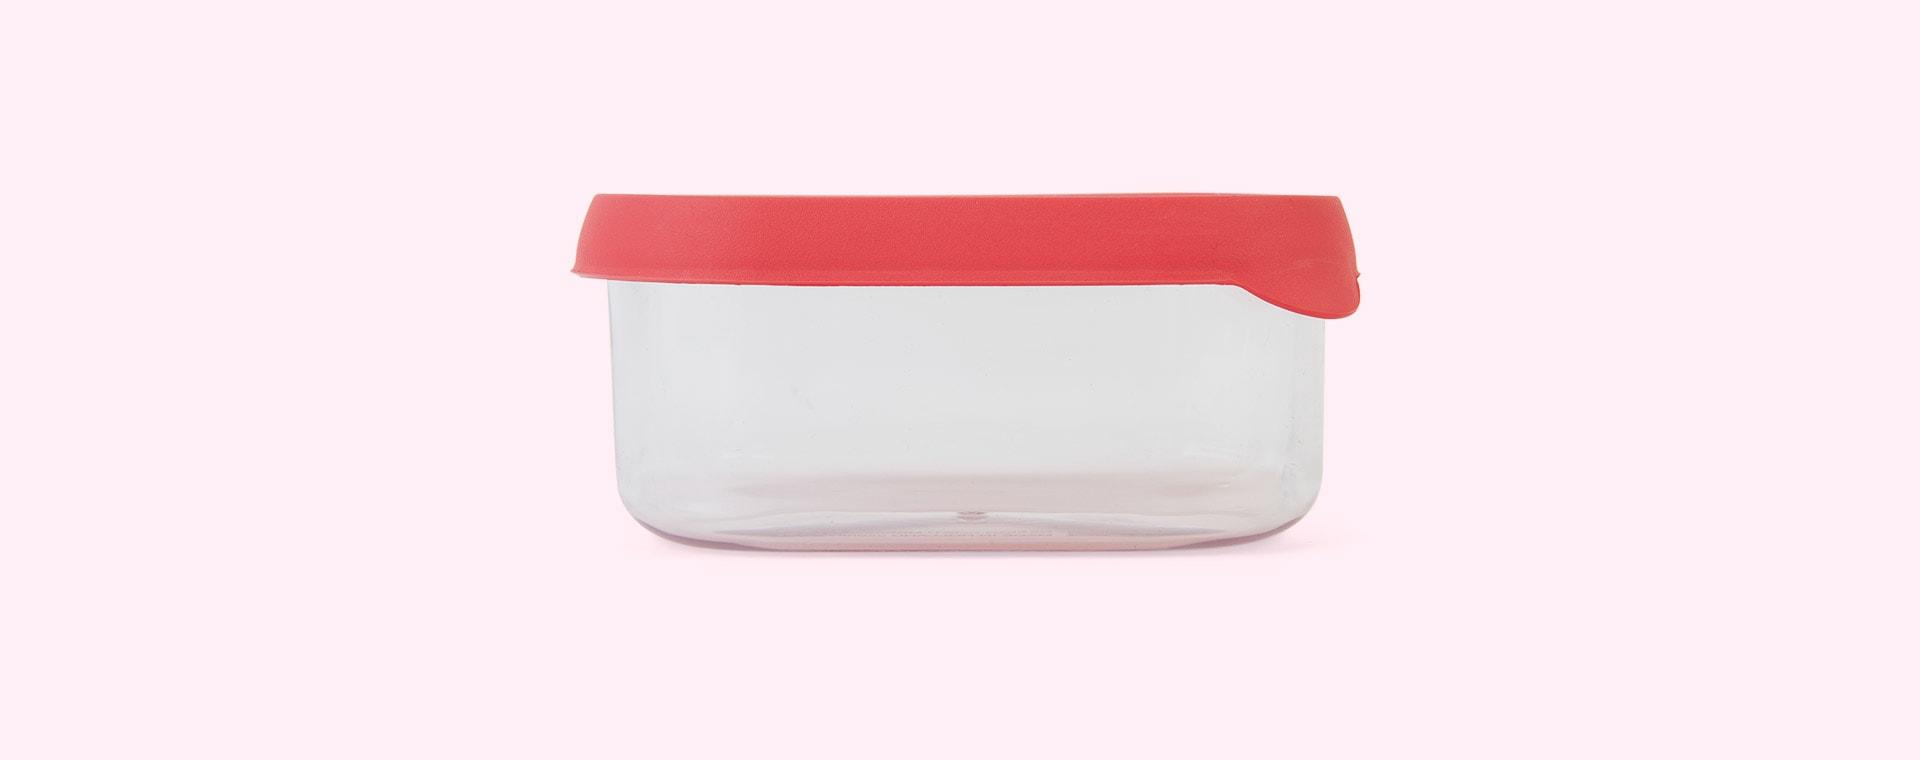 Pink Mepal Campus Fruit Box